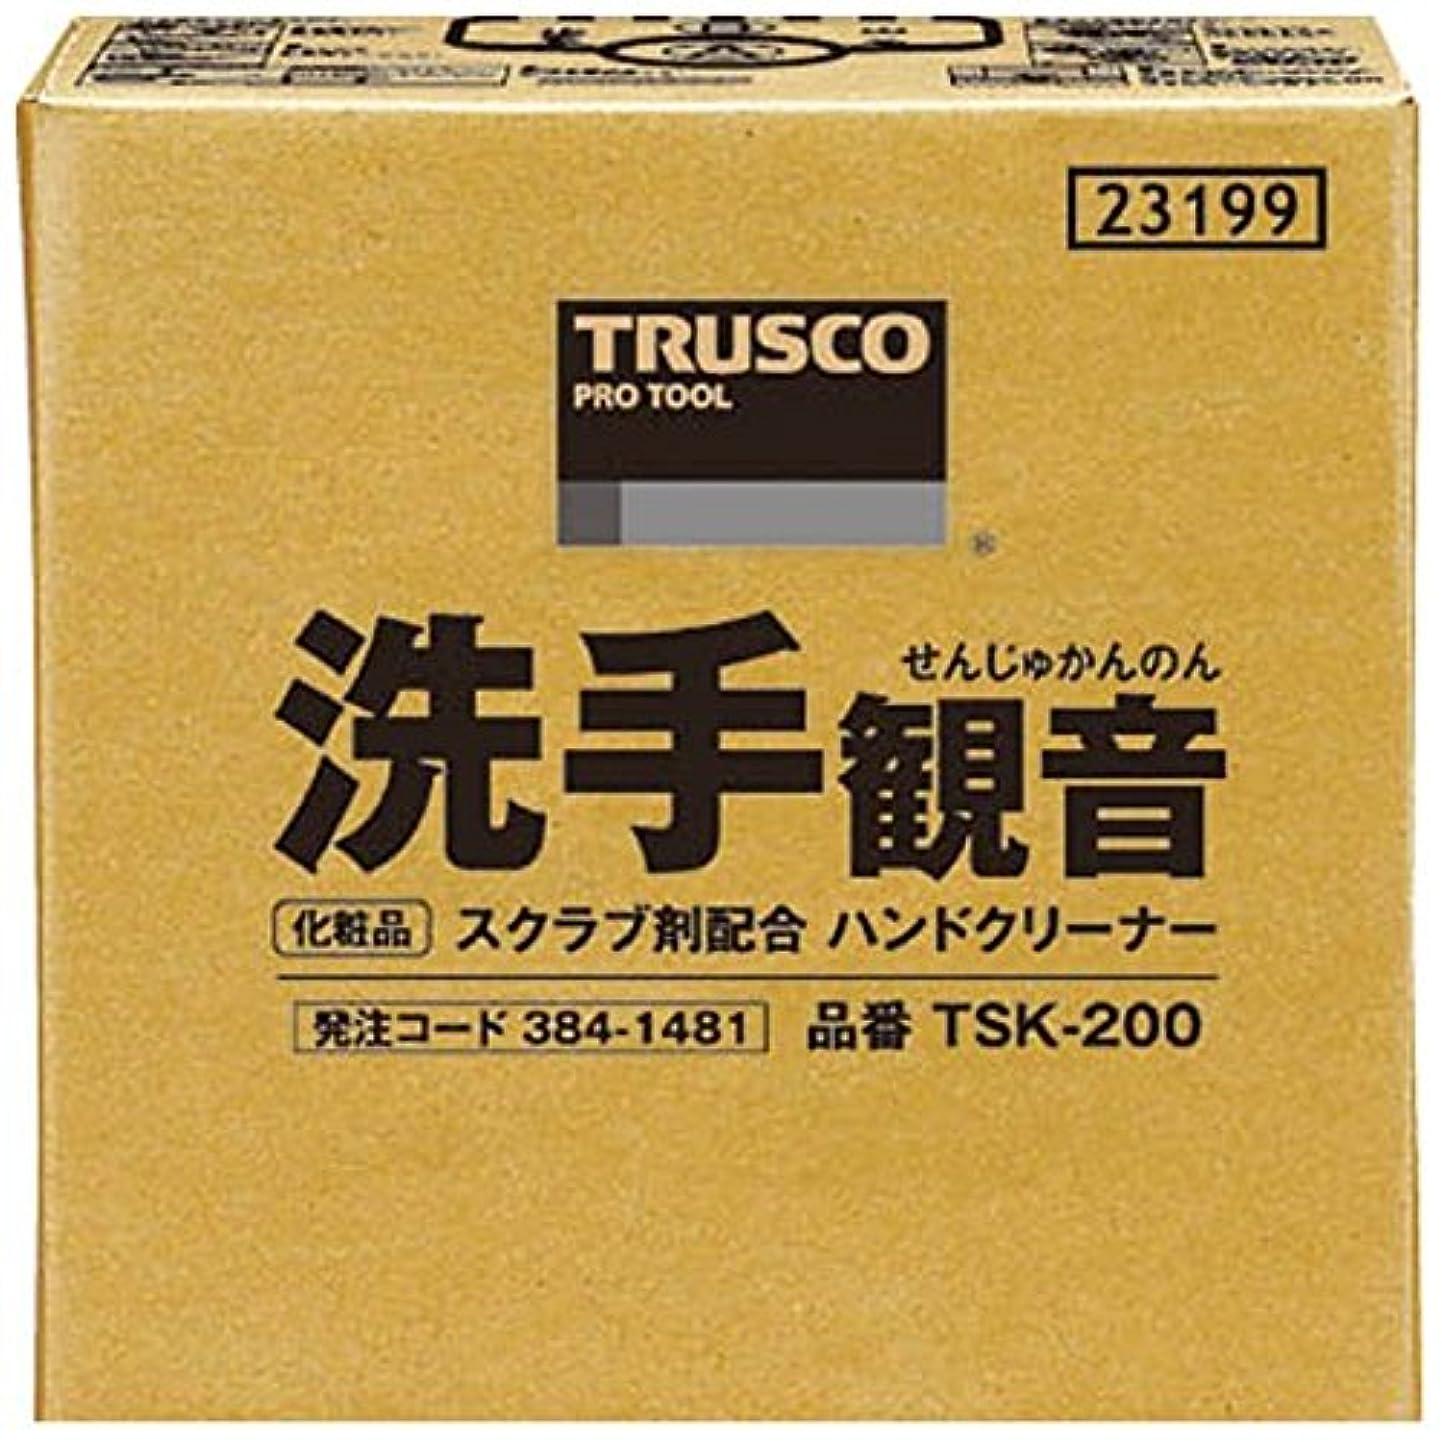 イベントハードリングストレッチTRUSCO 洗手観音 20kg バックインボックス TSK-200